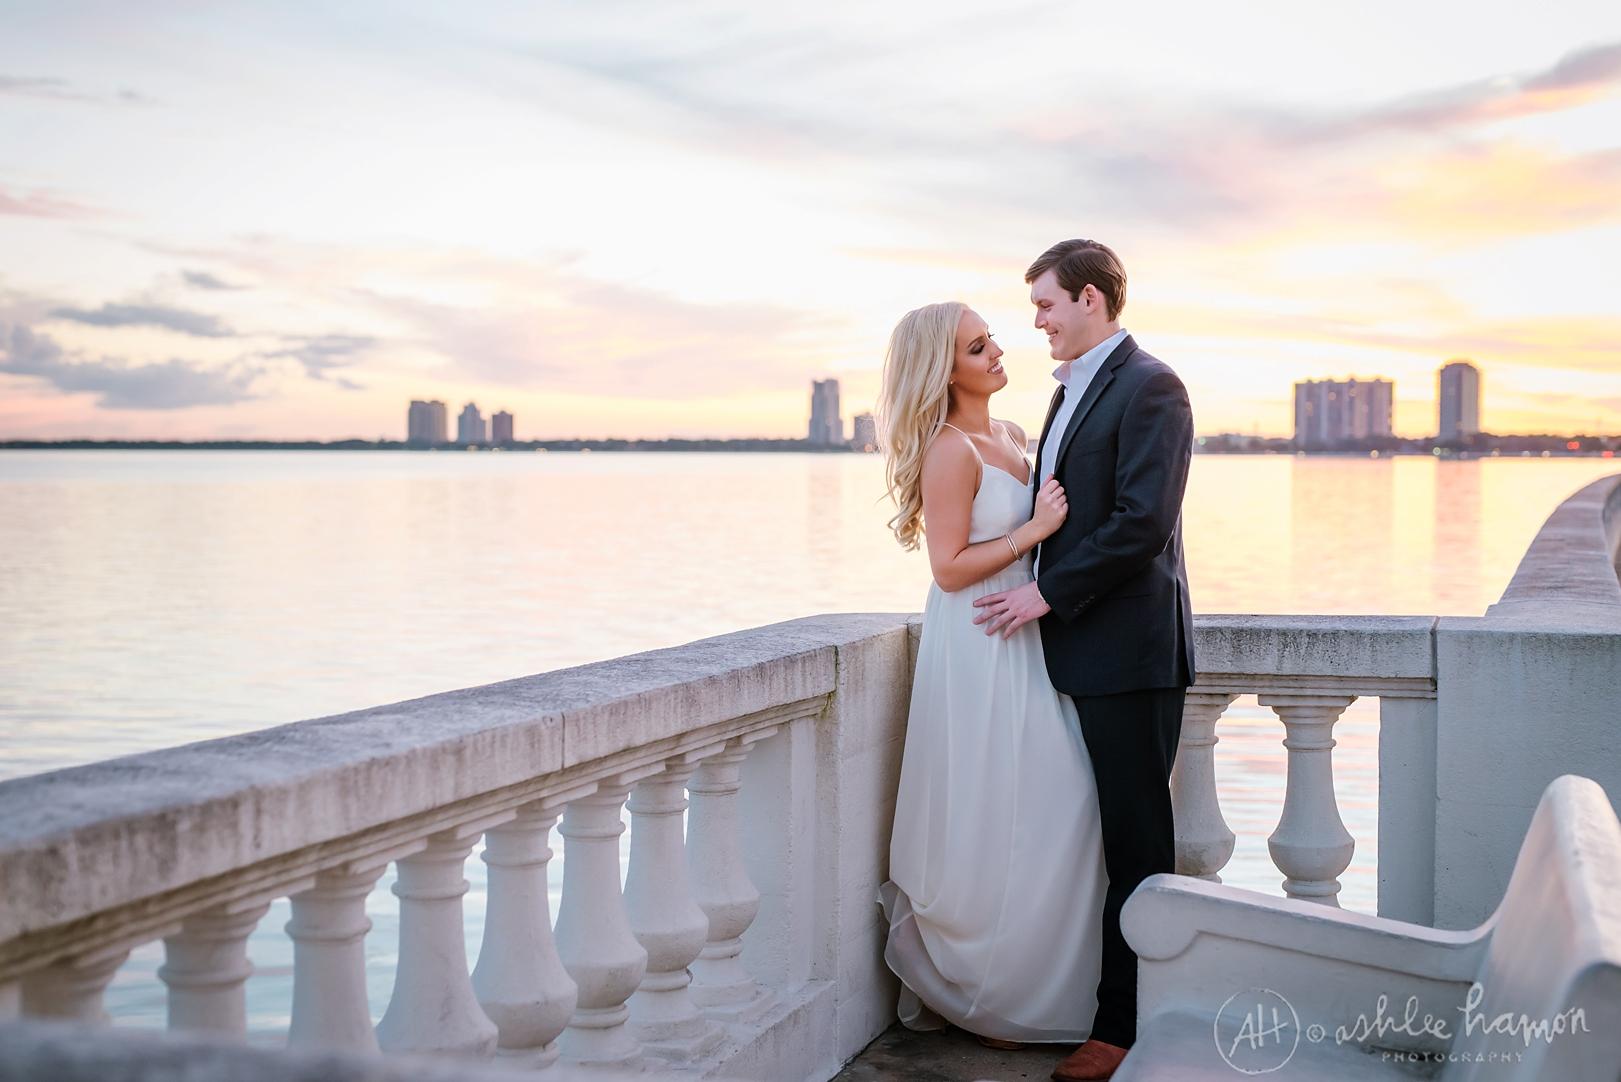 romantic-stylish-elegant-upscale-engagement-photography-ashlee-hamon-tampa_0013.jpg